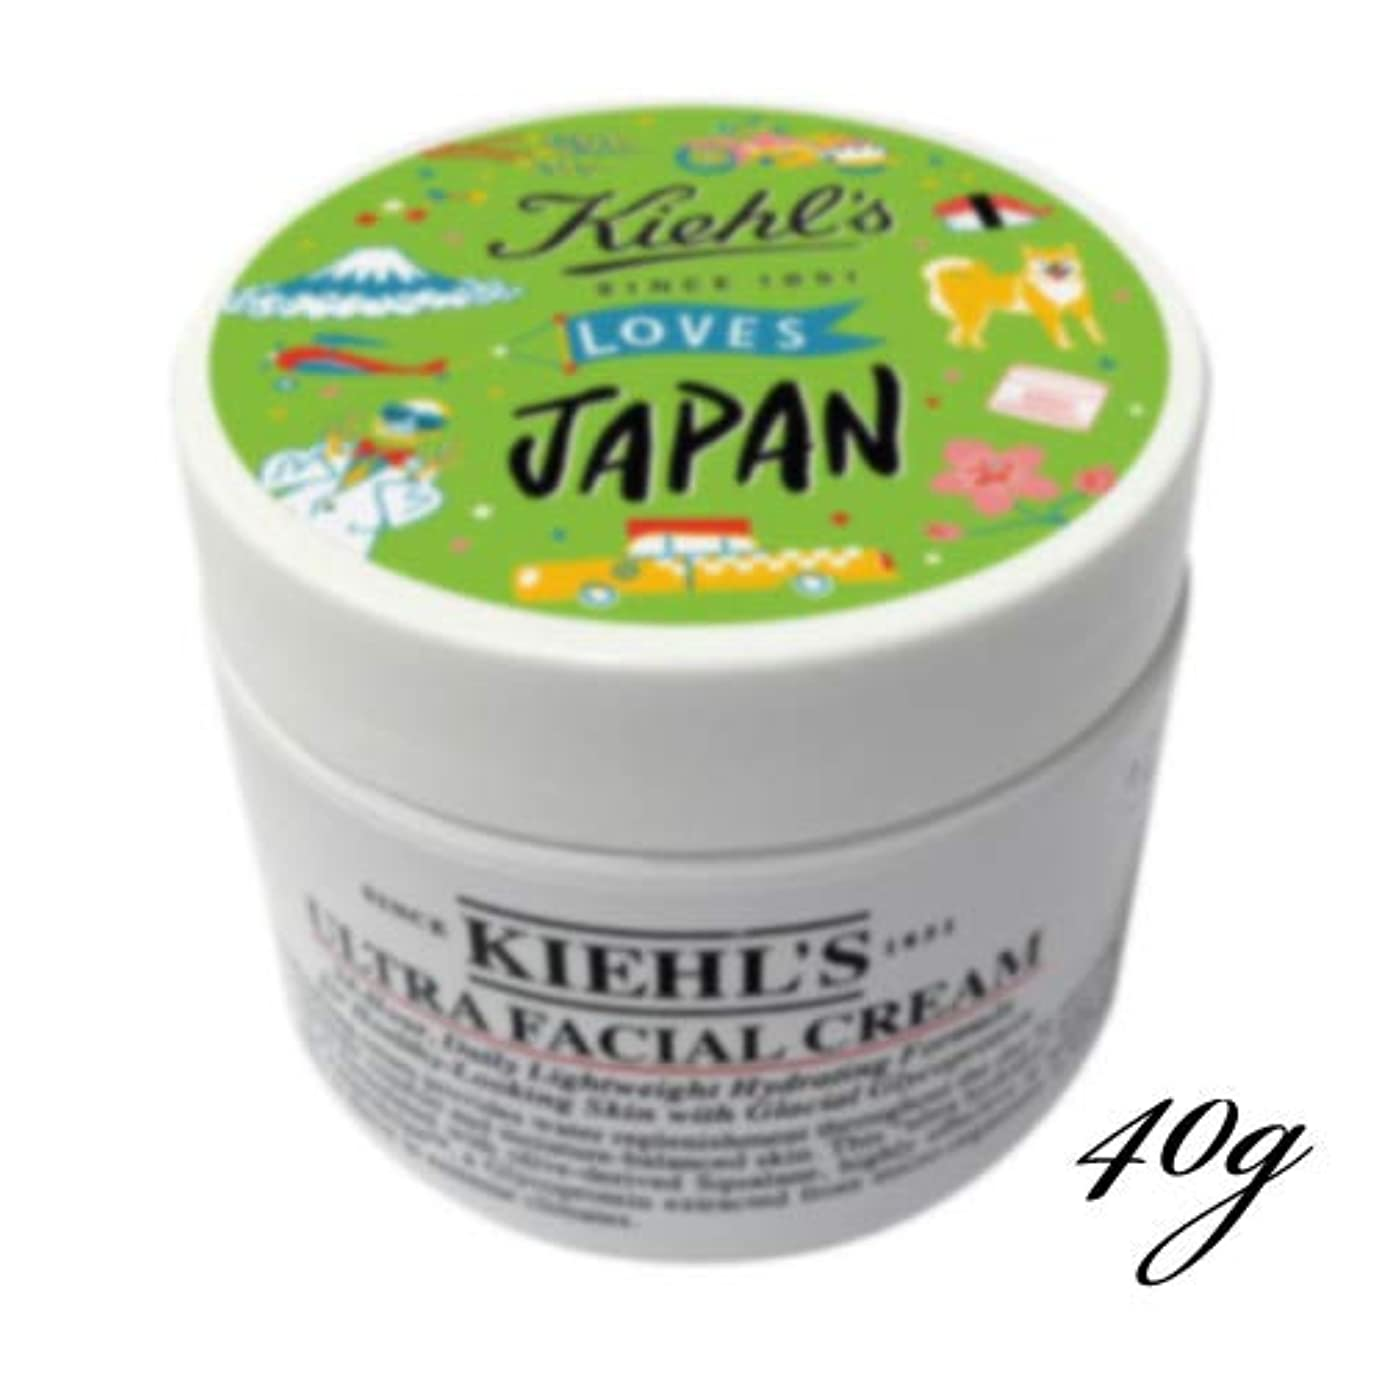 砲兵フリース艶Kiehl's(キールズ) キールズ クリーム UFC (Kiehl's loves JAPAN限定 エディション) 49g